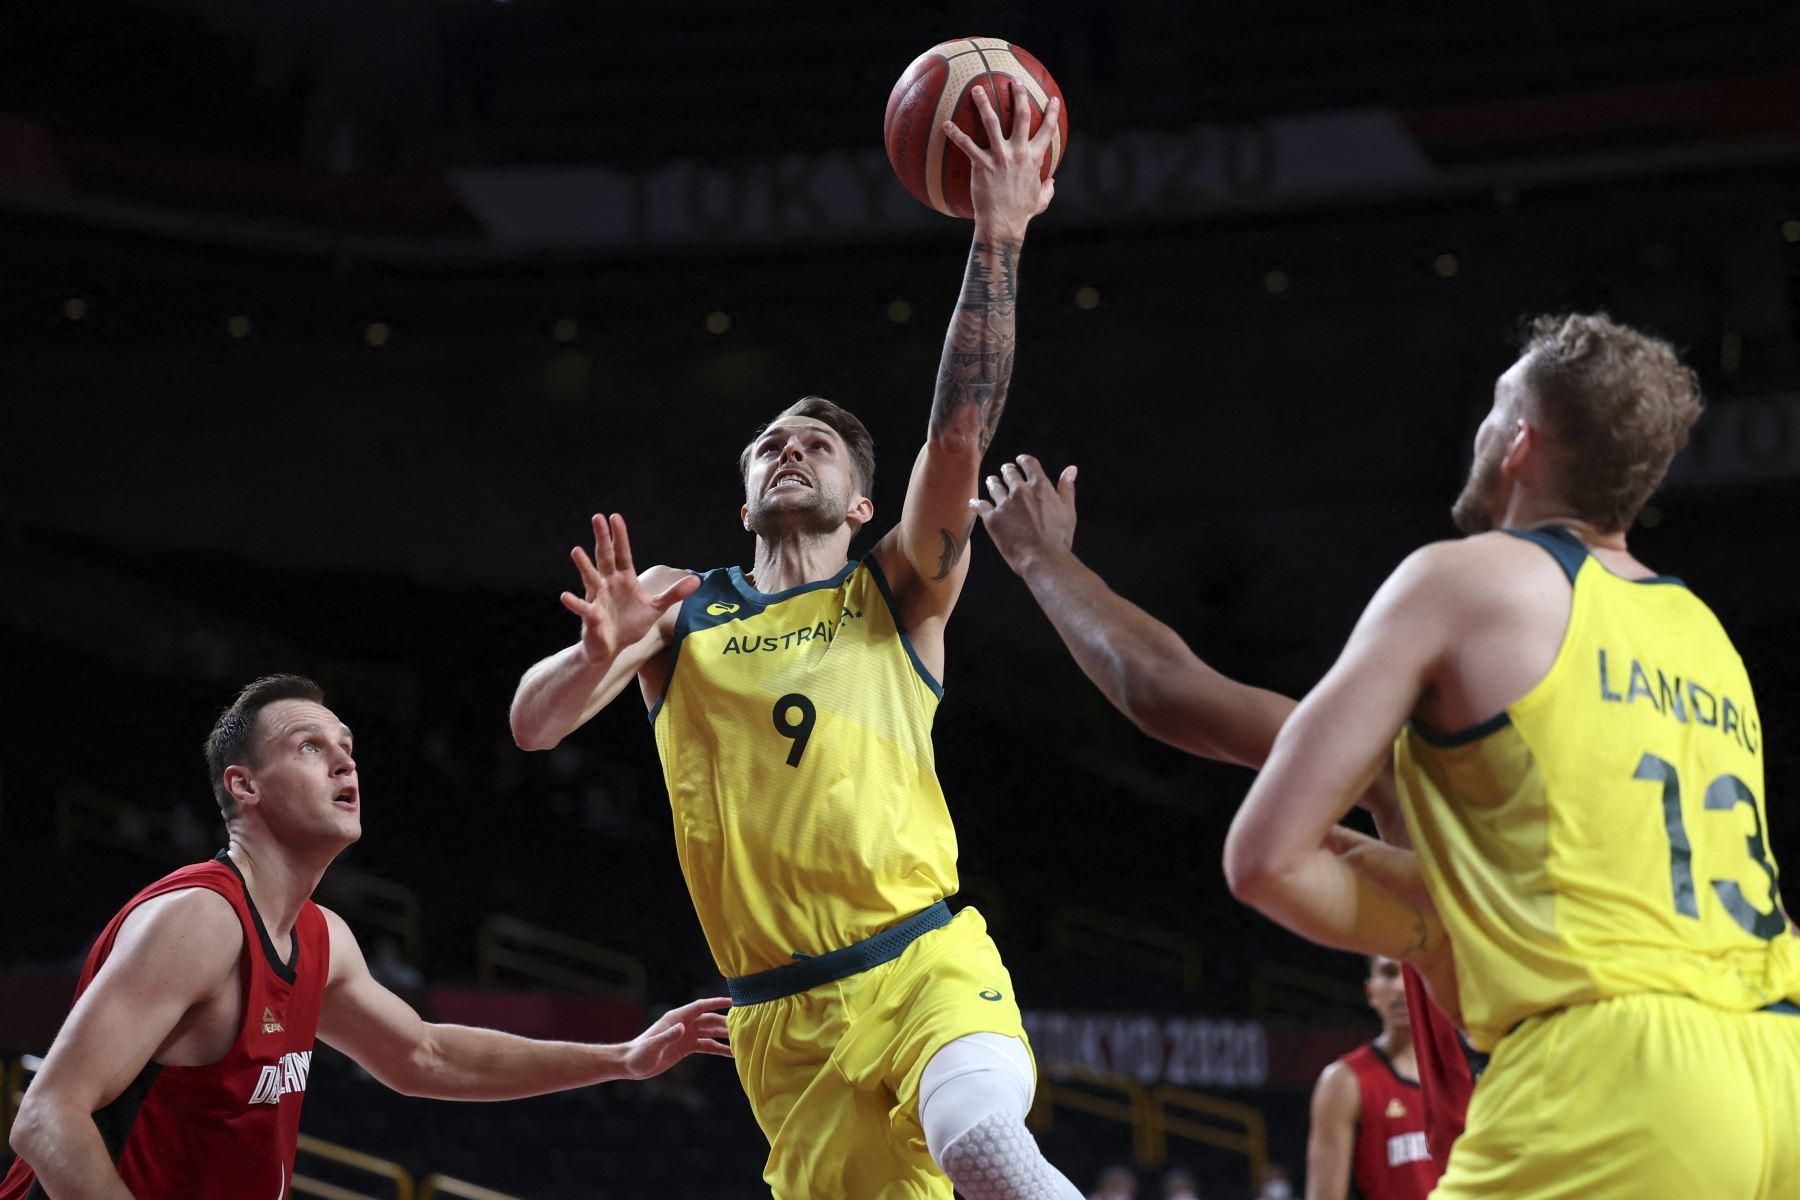 El australiano Nathan Sobey avanza a la canasta duarante partido de baloncesto por el grupo B de la ronda preliminar masculina de los Juegos Olímpicos de Tokio 2020, en el Saitama Super Arena en Saitama. Foto: AFP